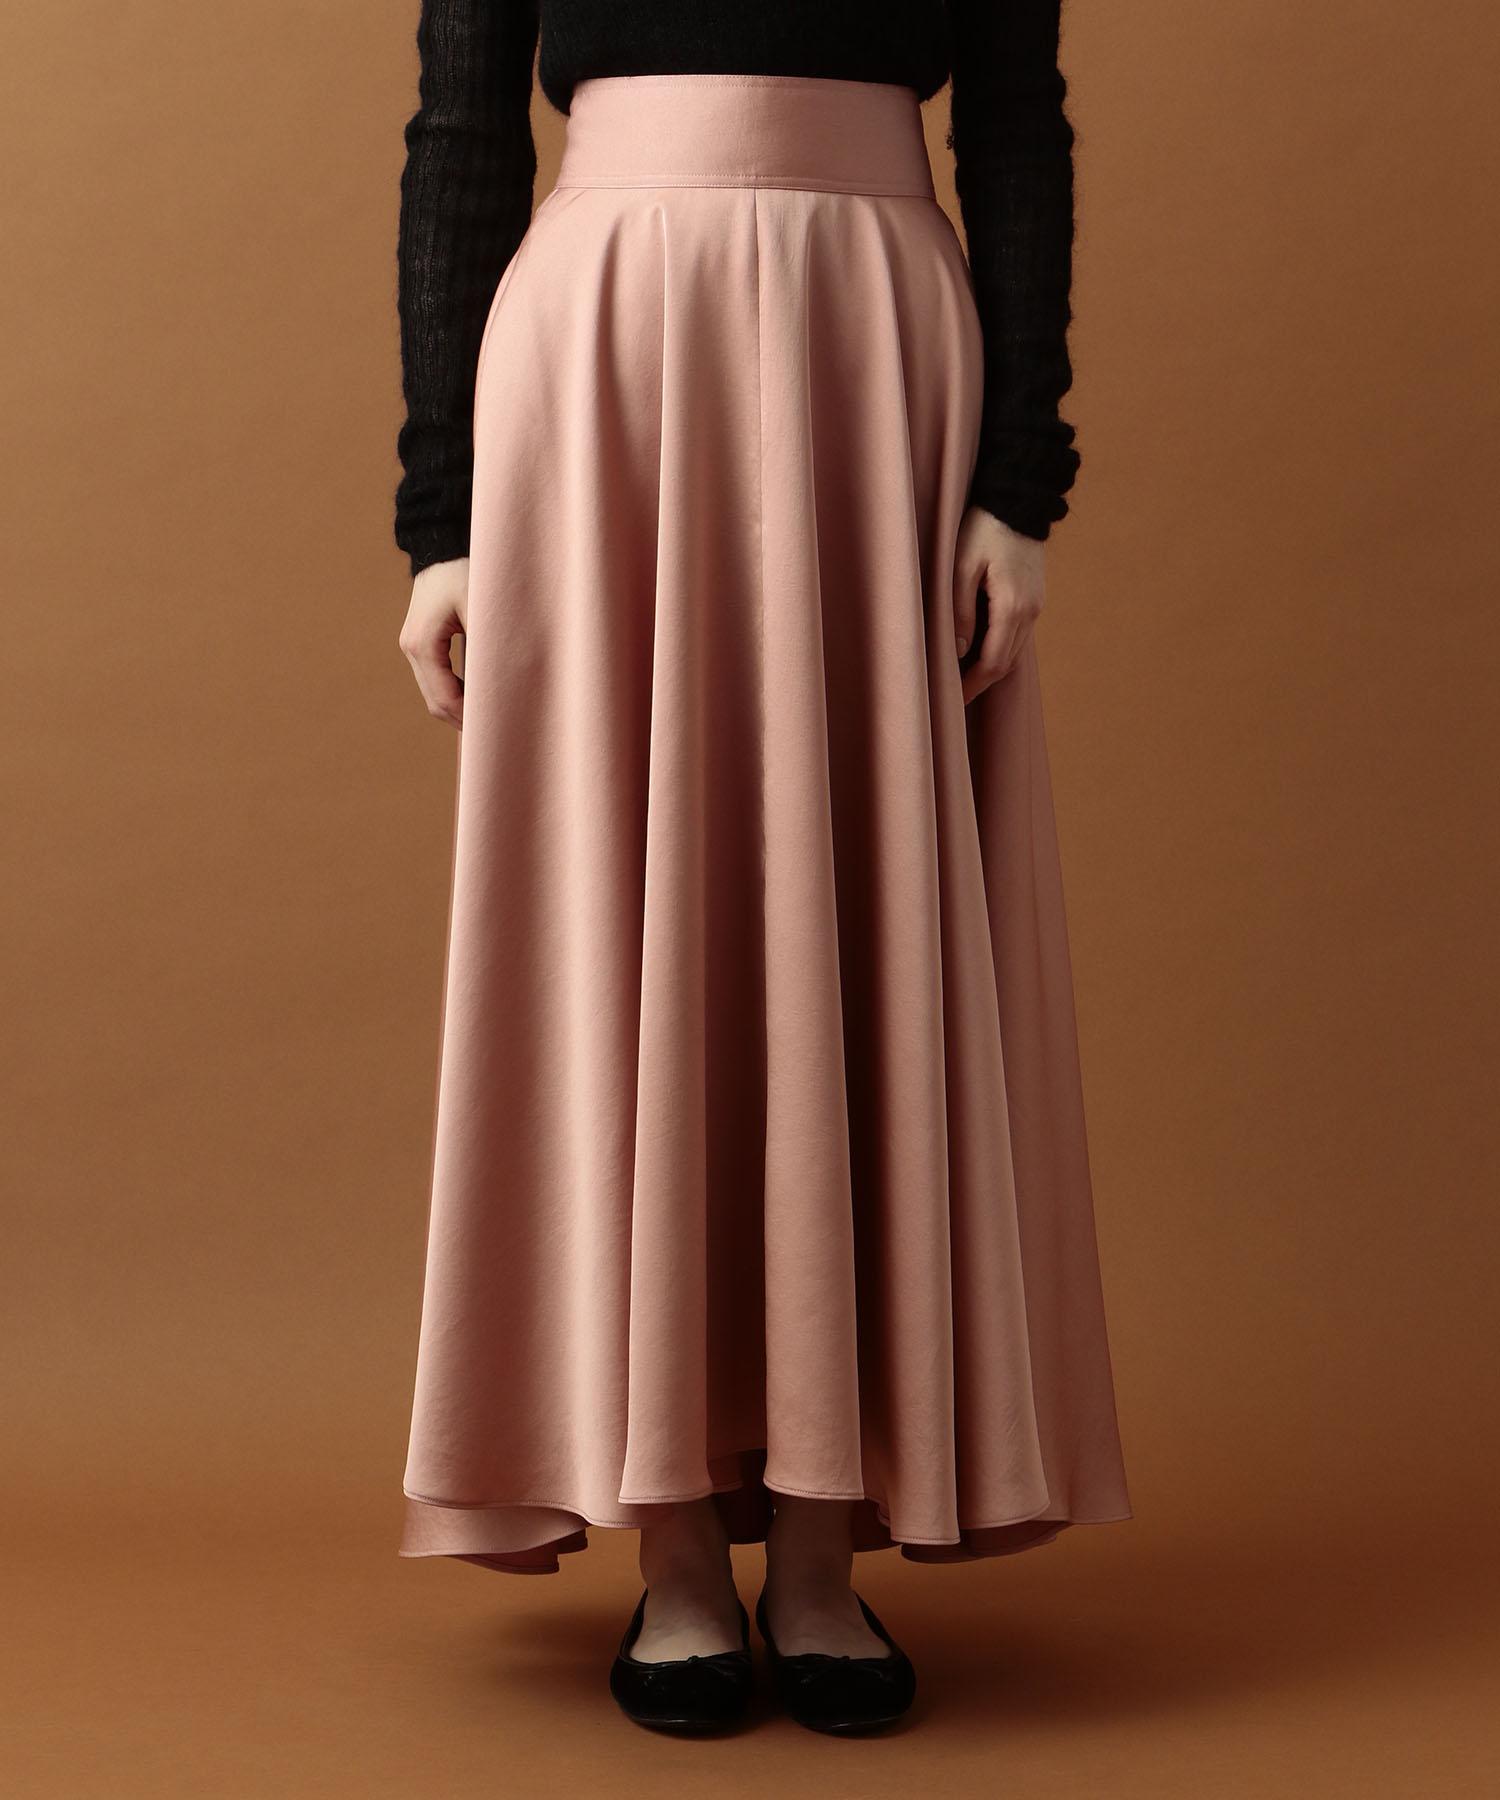 【Sweet 2019年9月号掲載】ワイドベルトフレアミディスカート